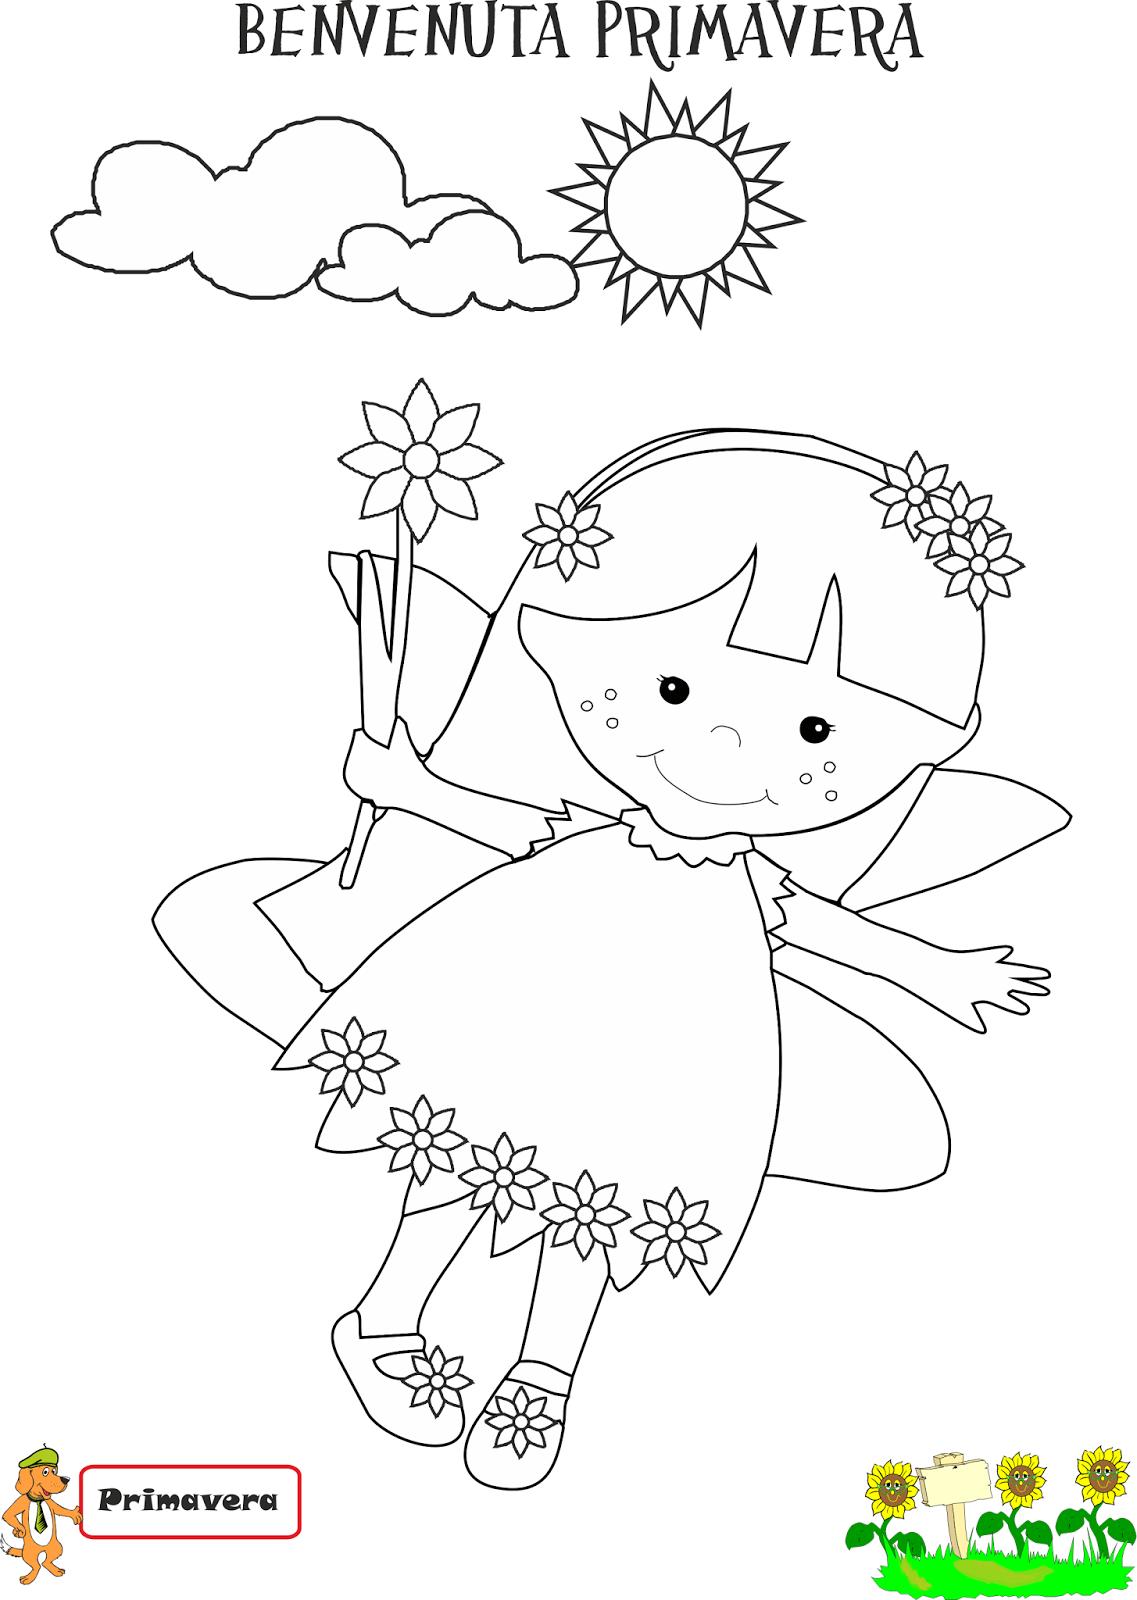 Re Ludos e la fata Primavera | Primavera, Scuola e Fiori